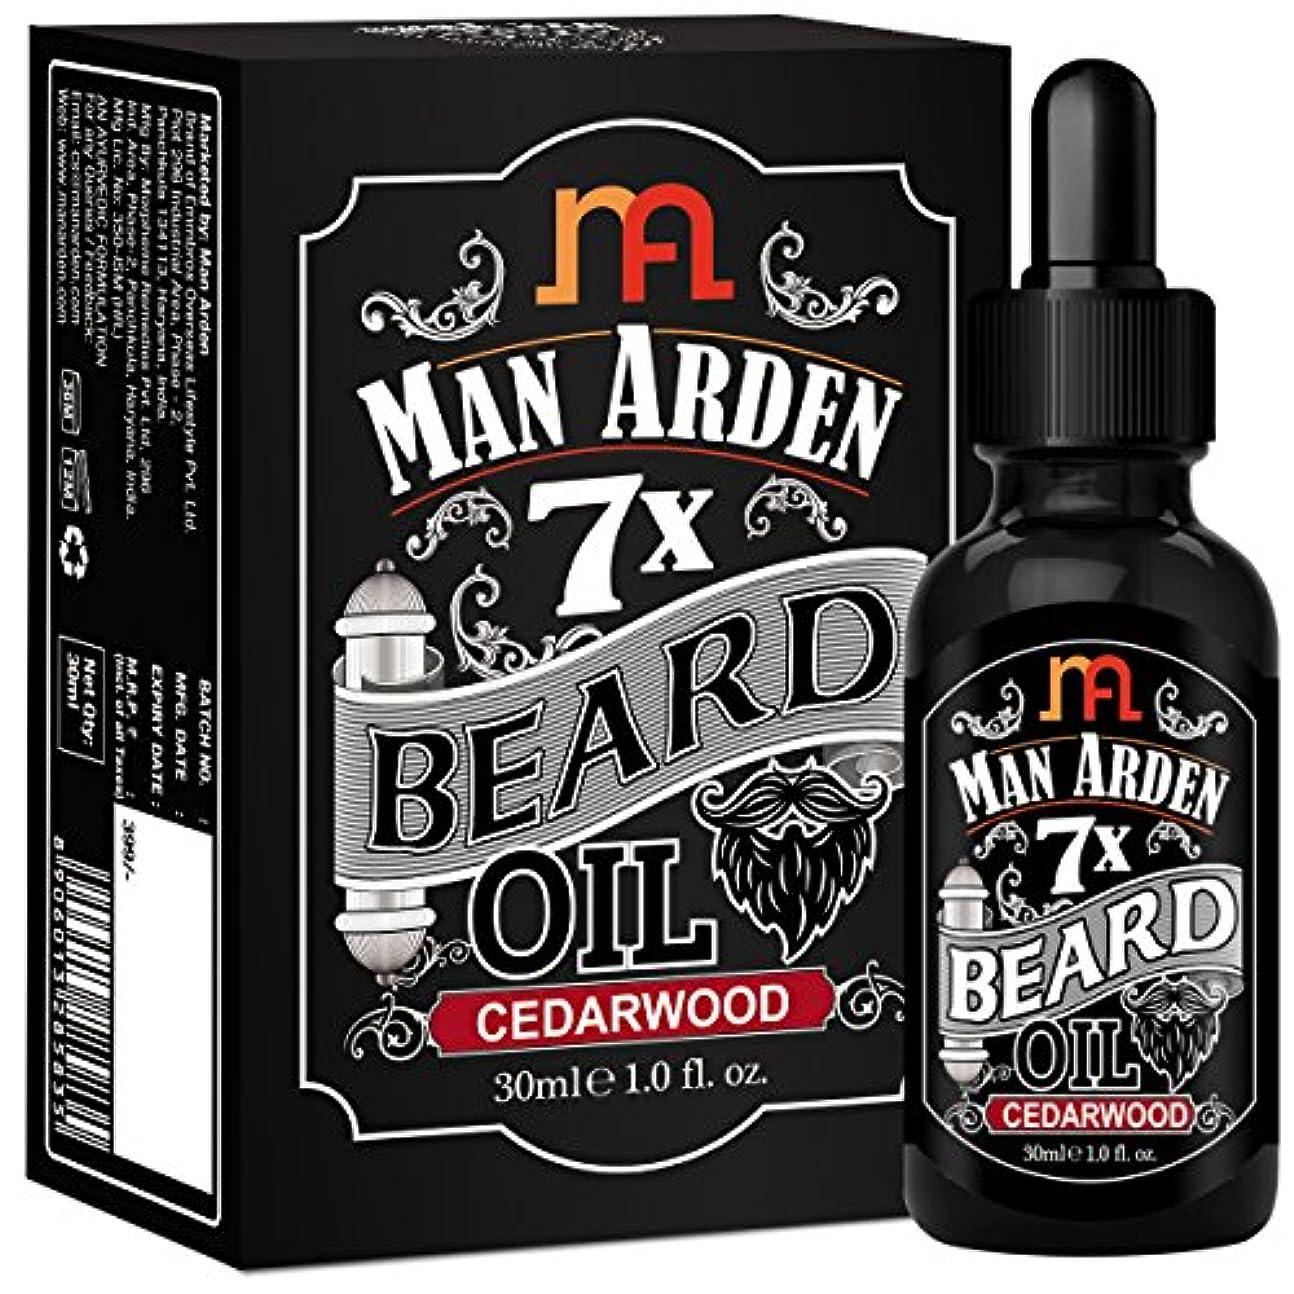 快いラリーゲージMan Arden 7X Beard Oil 30ml (Cedarwood) - 7 Premium Oils Blend For Beard Growth & Nourishment